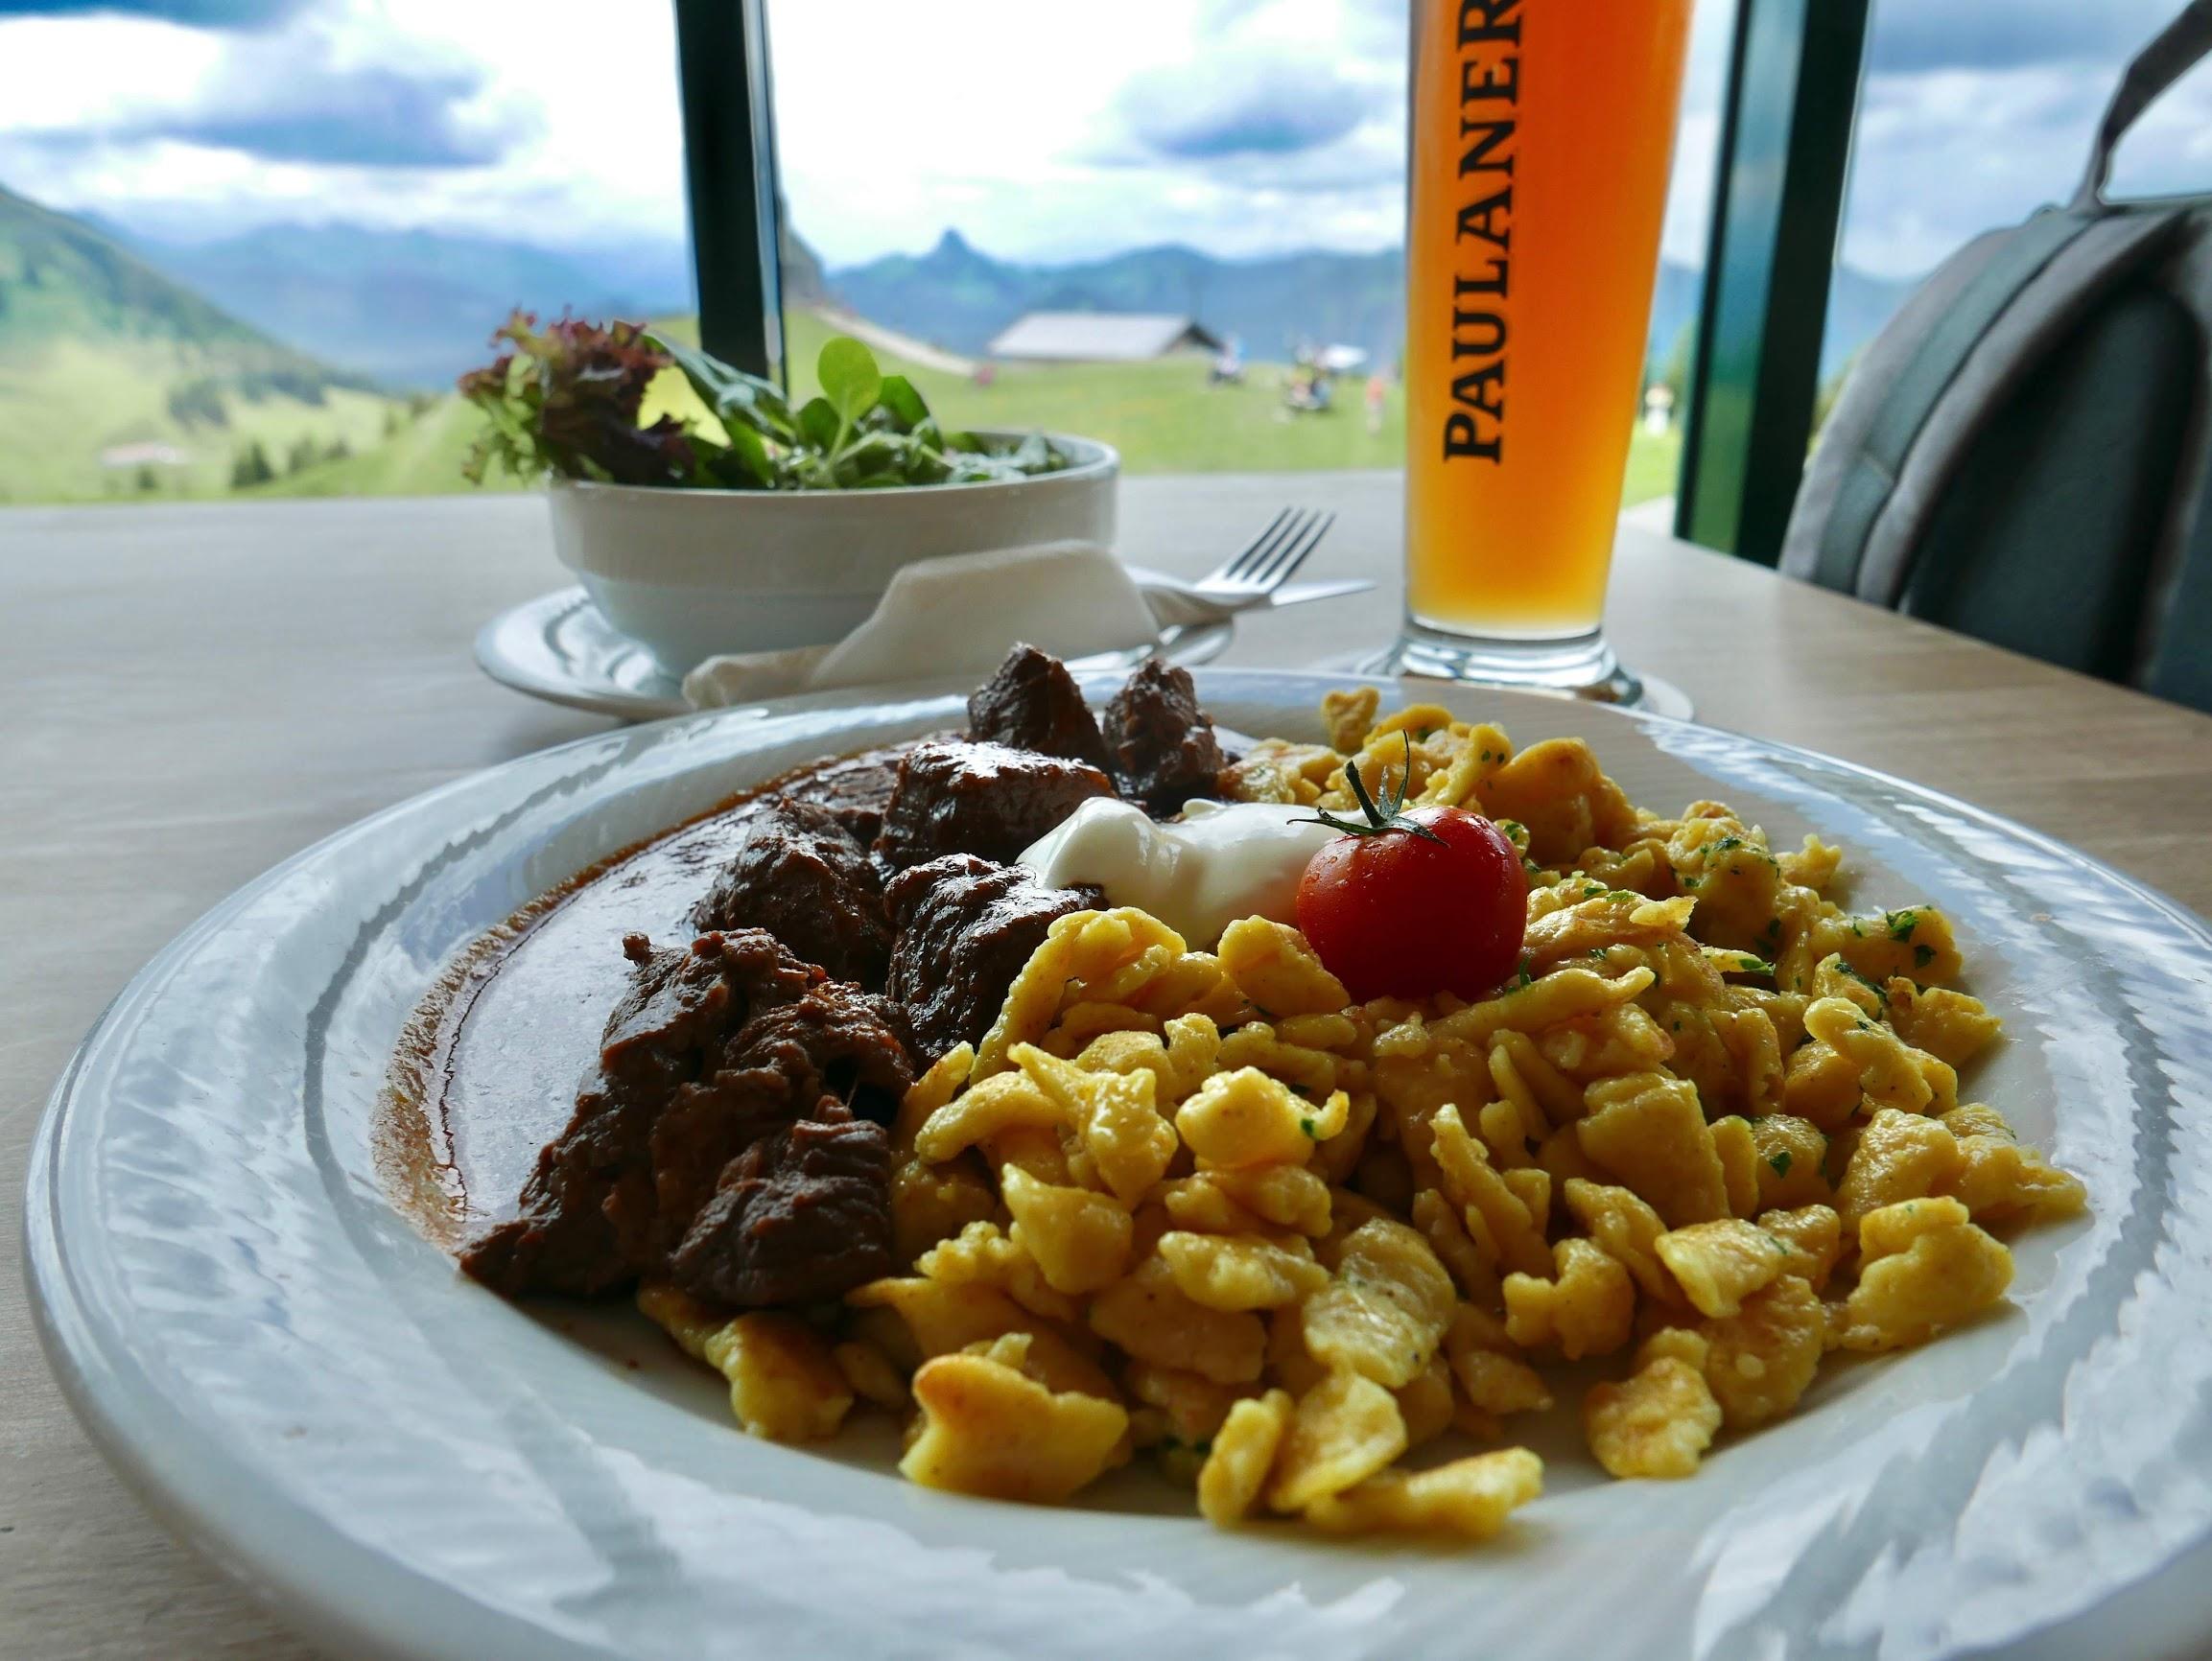 Panoramarestaurant, Walberg, Rottach-Egern